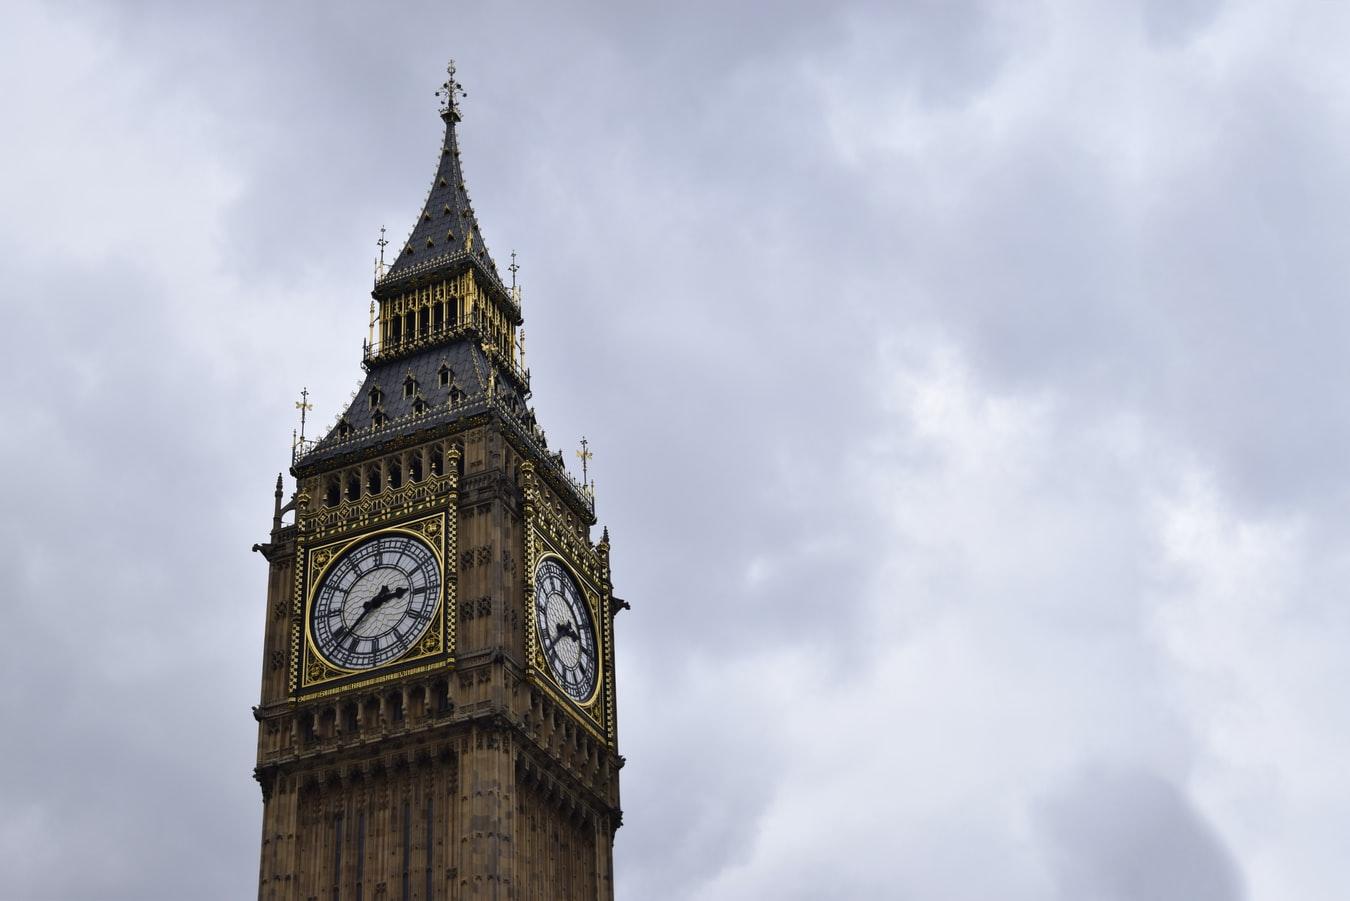 The UK extending new business grants